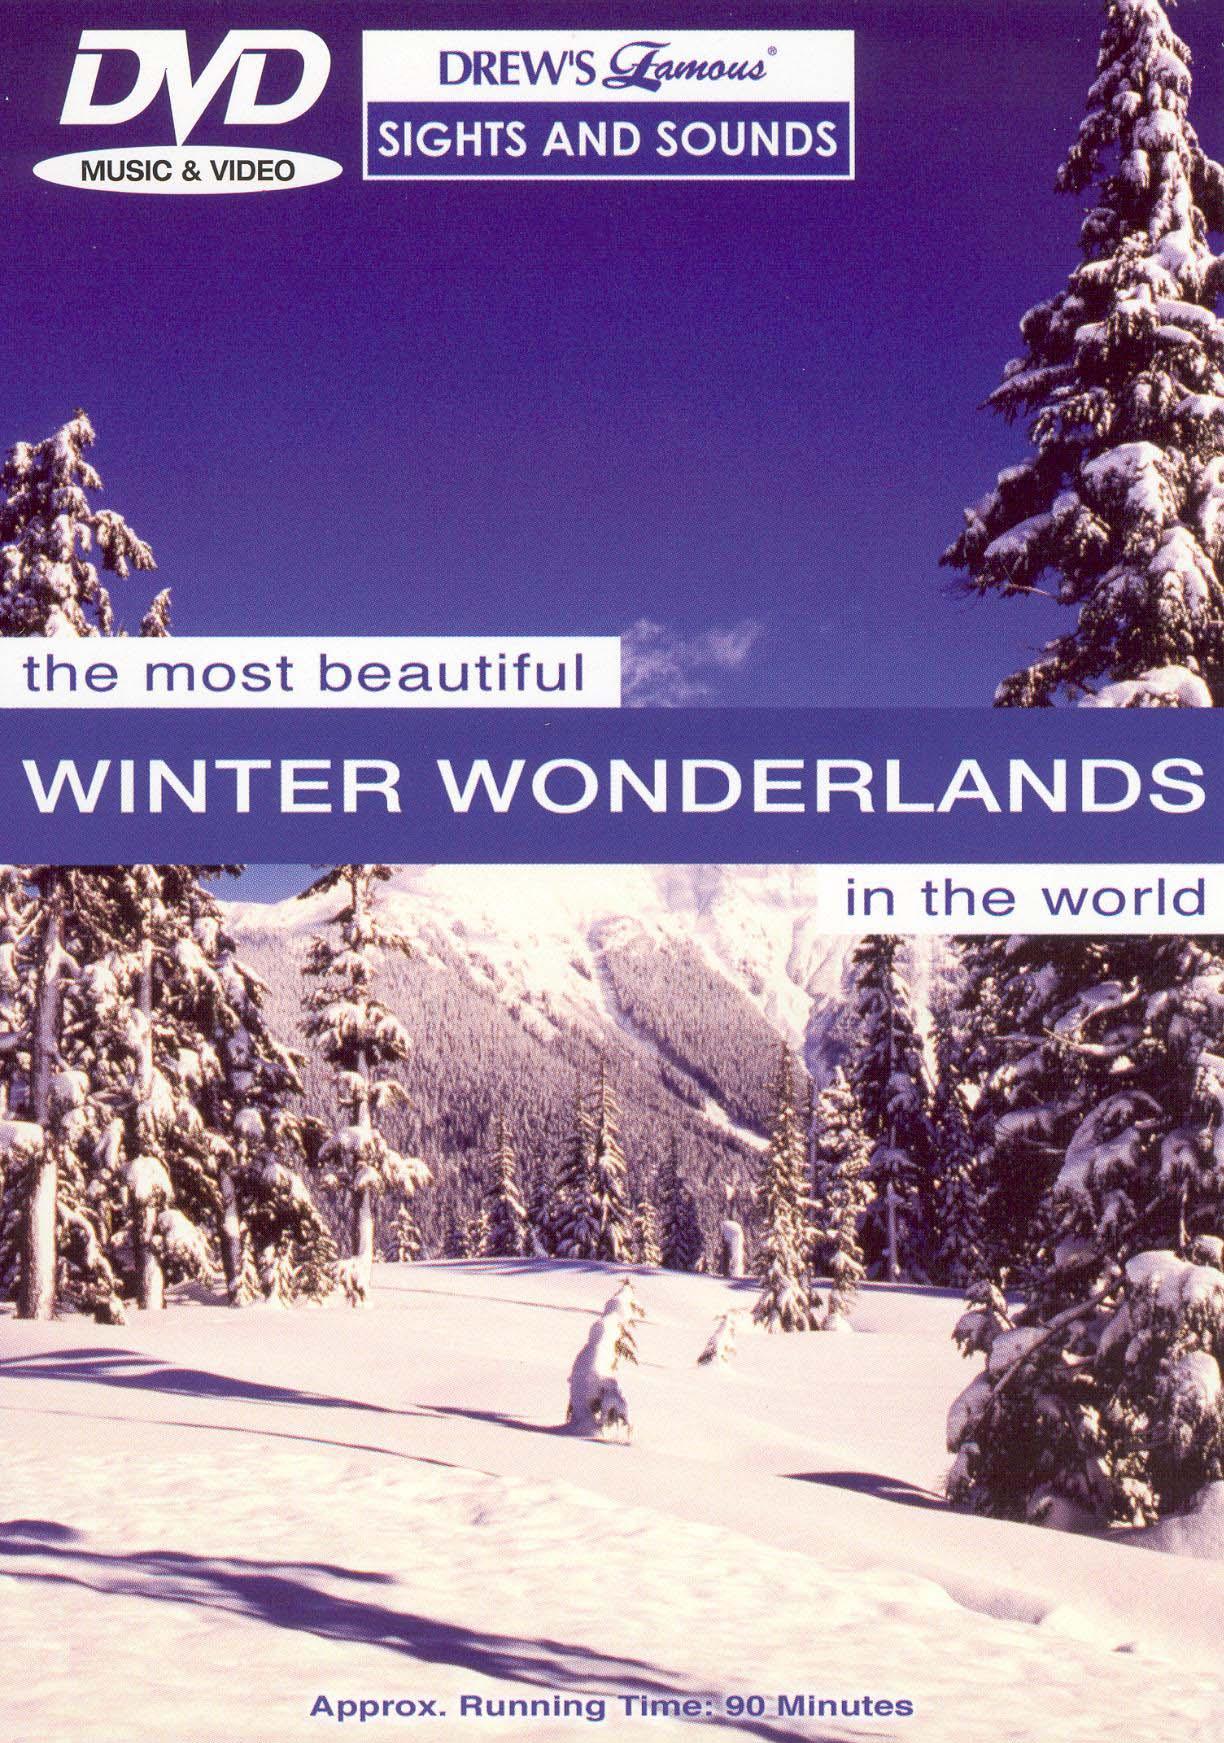 Drew's Famous Sights & Sounds: Winter Wonderland